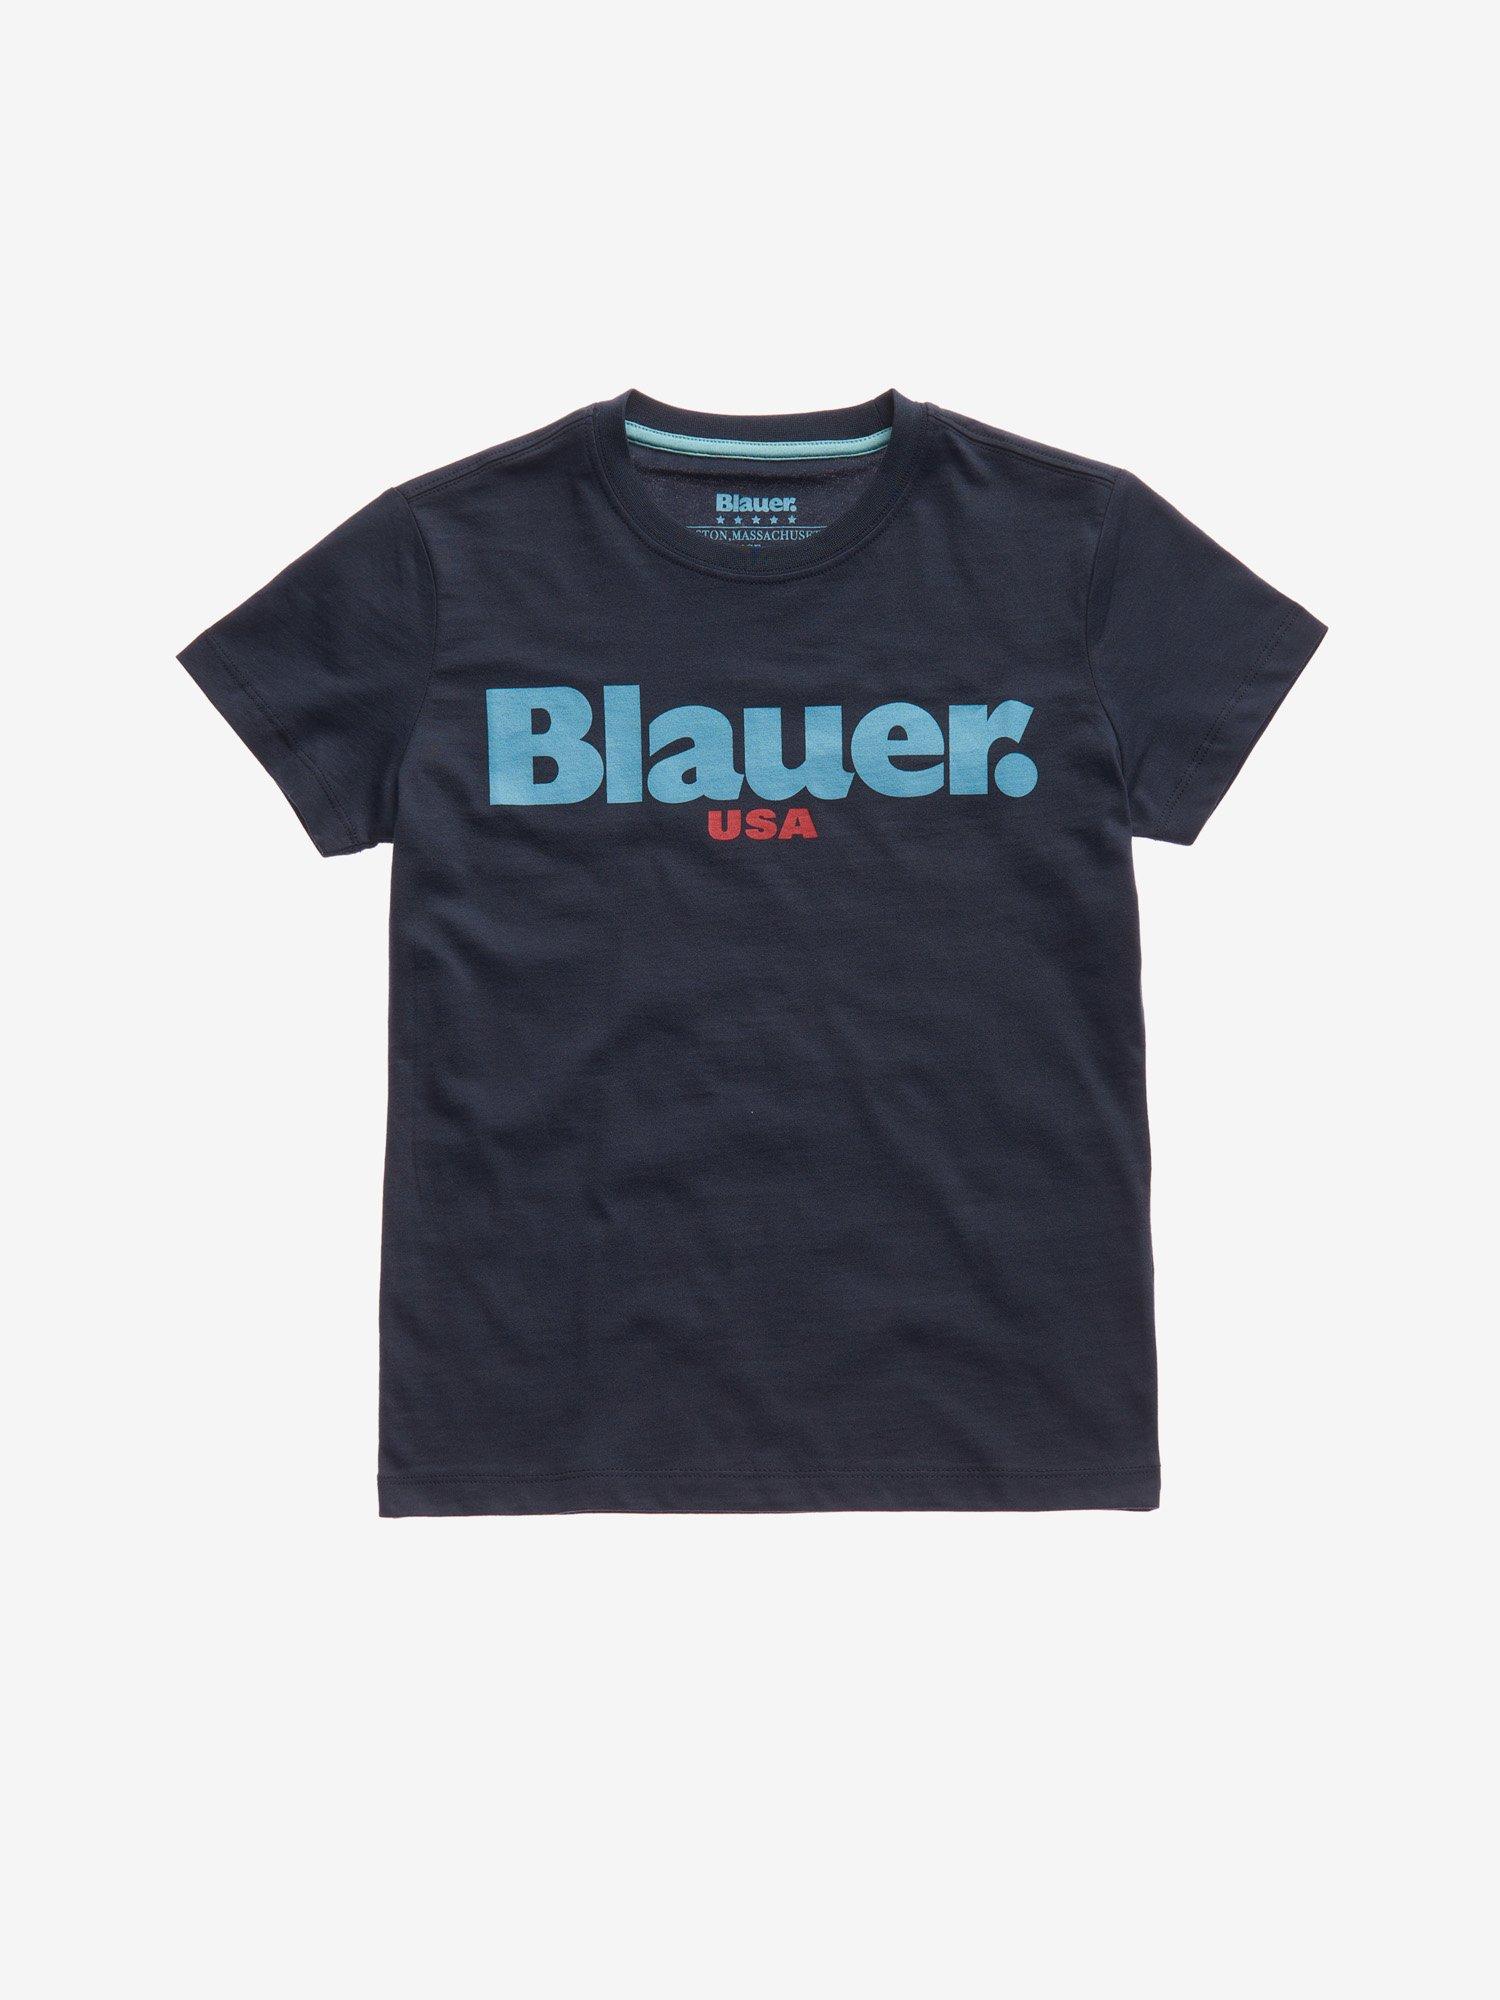 JUNIOR BASIC BLAUER T-SHIRT - Blauer